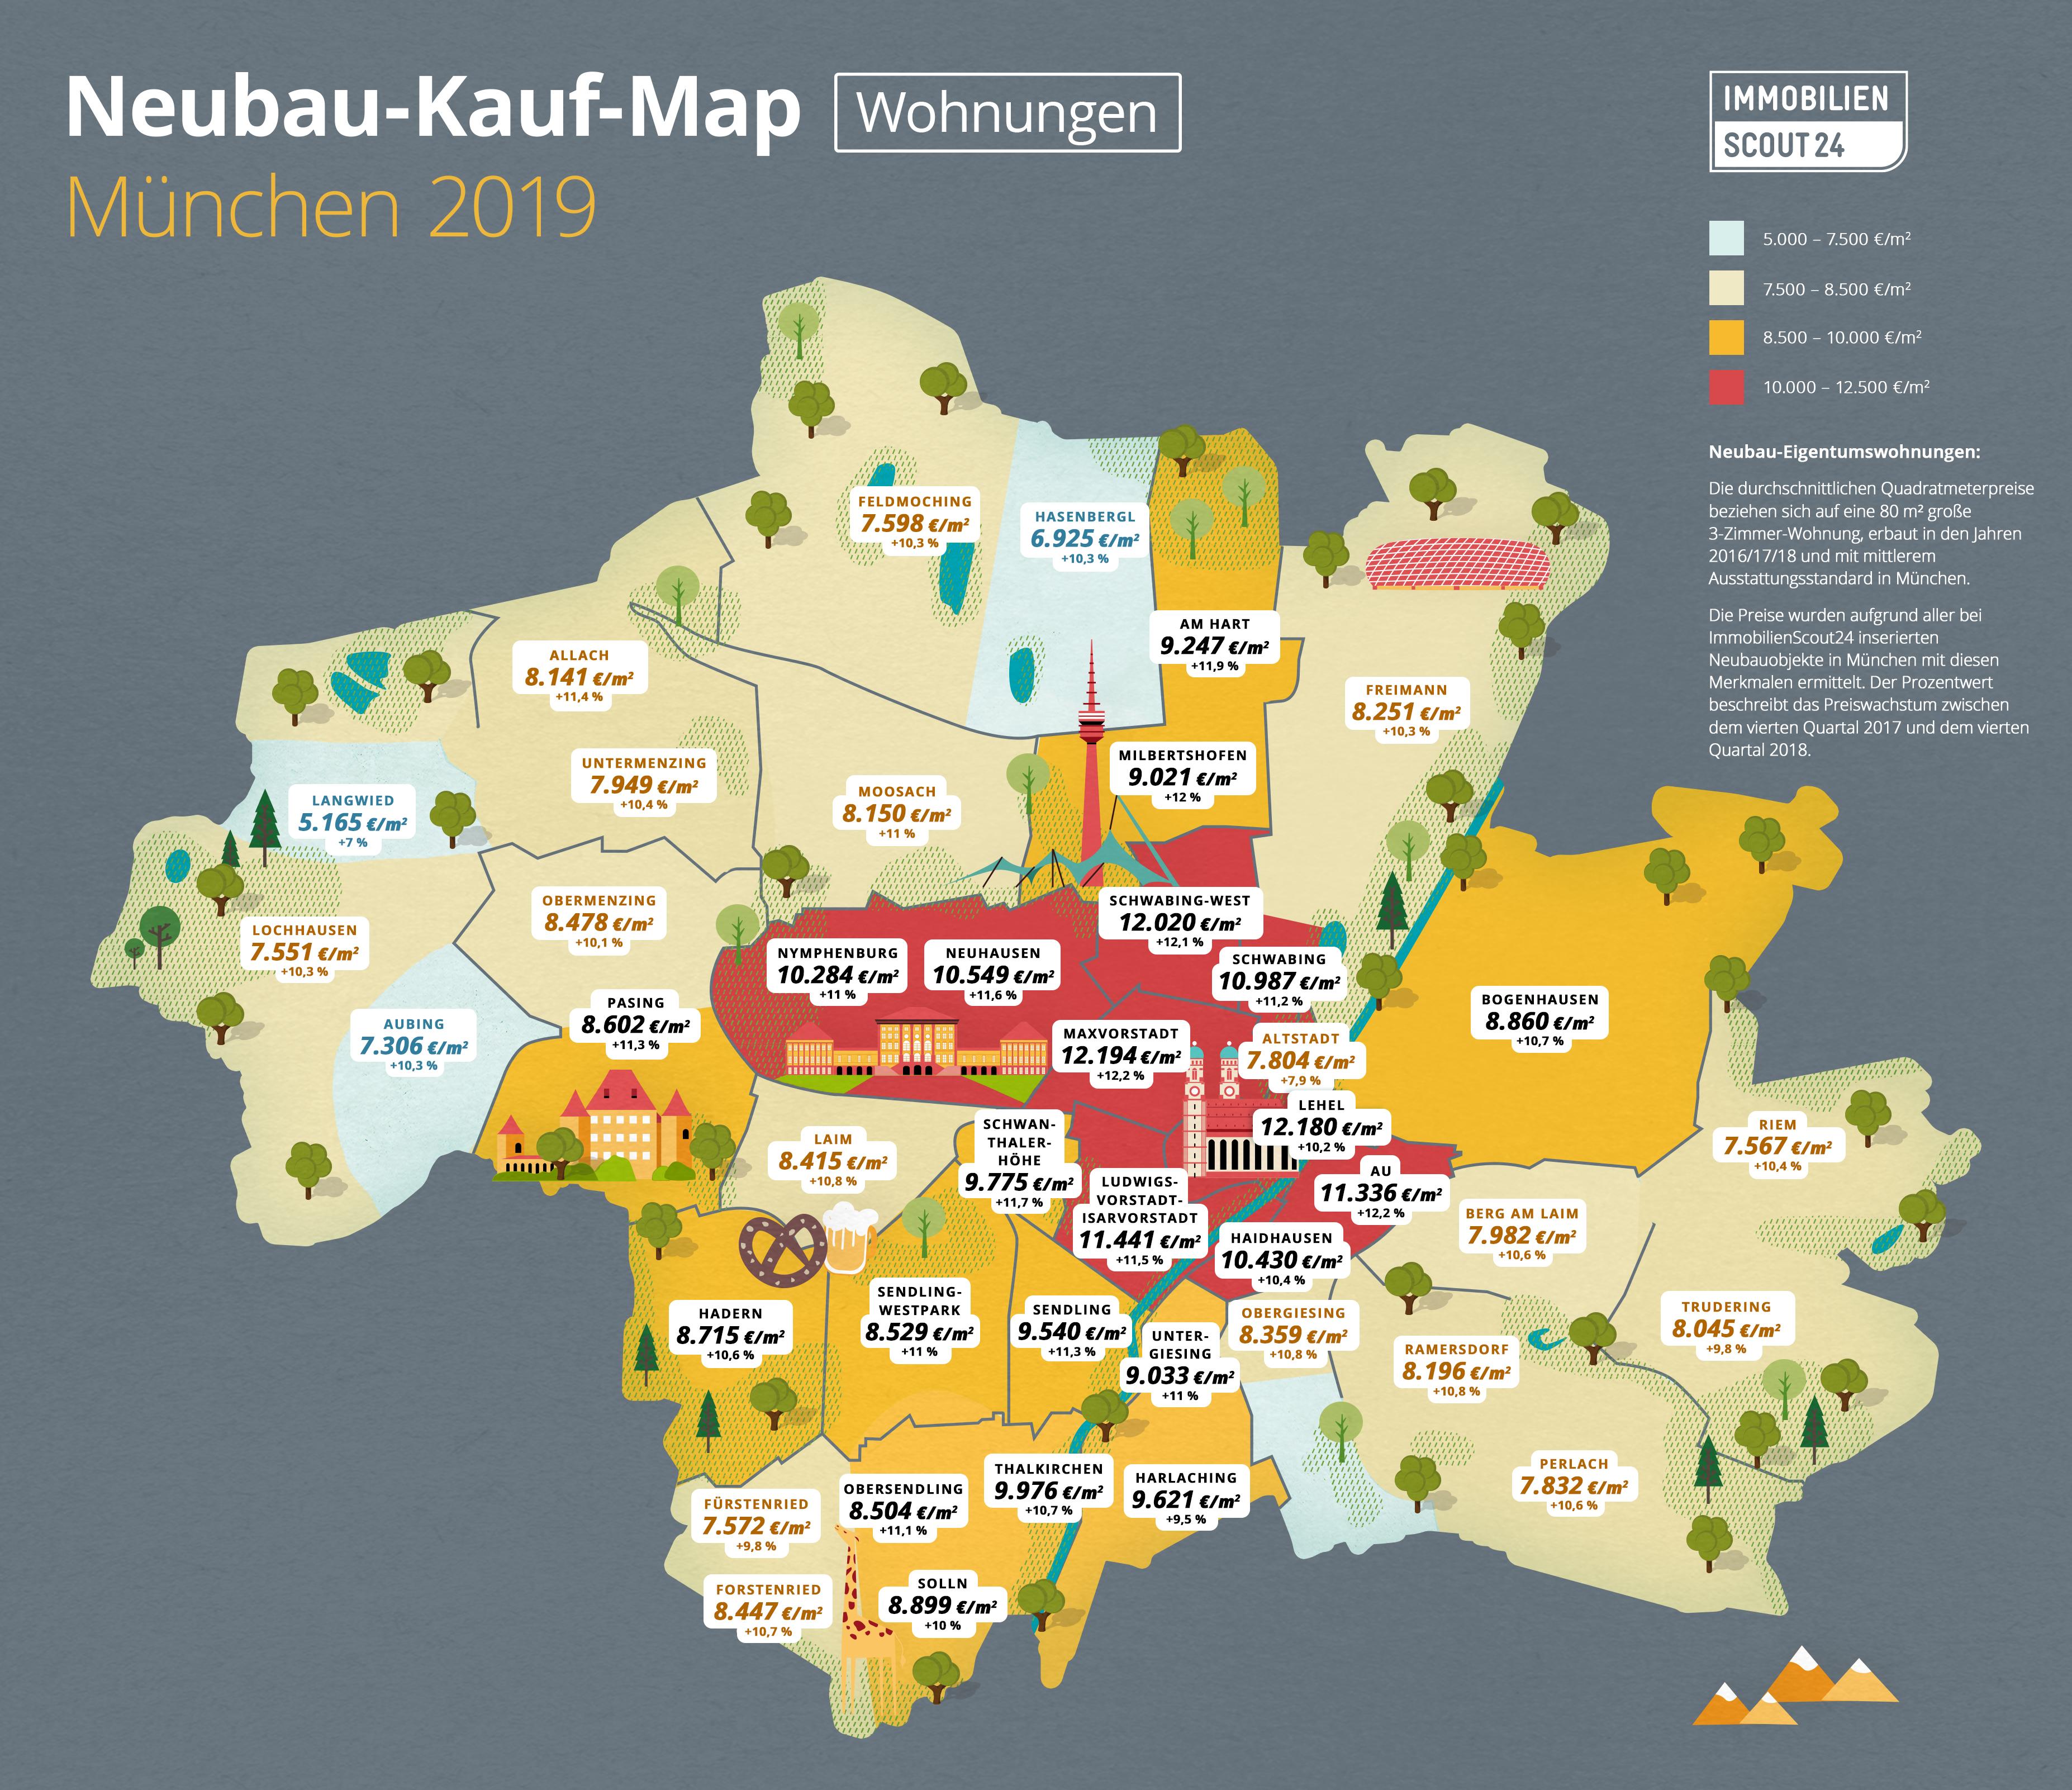 Karte München Stadtteile.Wohnungspreise In München Preisentwicklung 2019